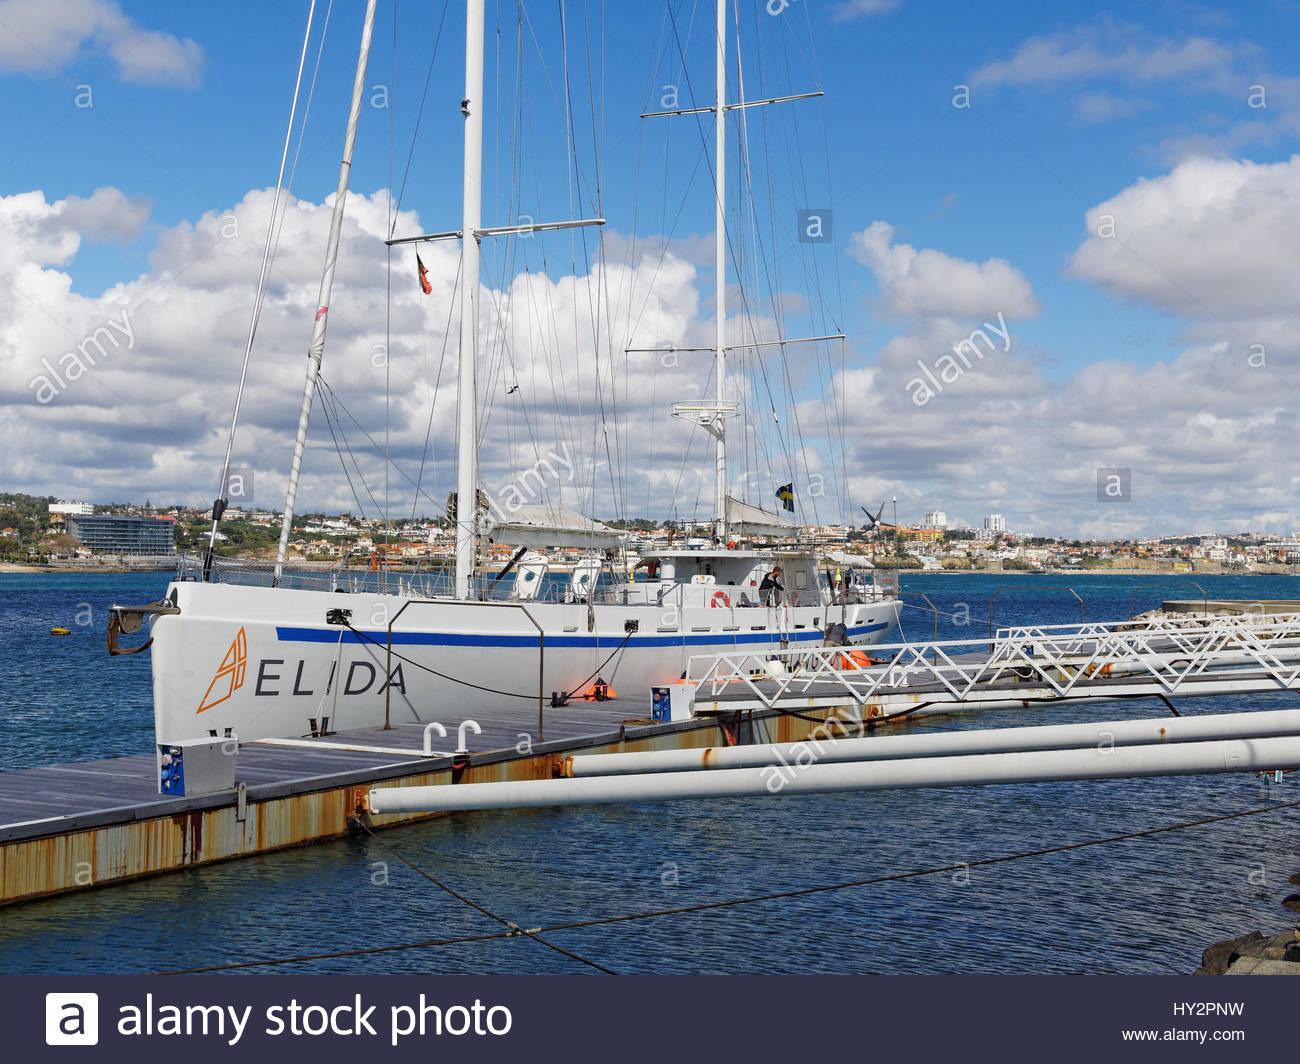 Elida V yacht moored at Cascais marina, Portugal Stock Photo